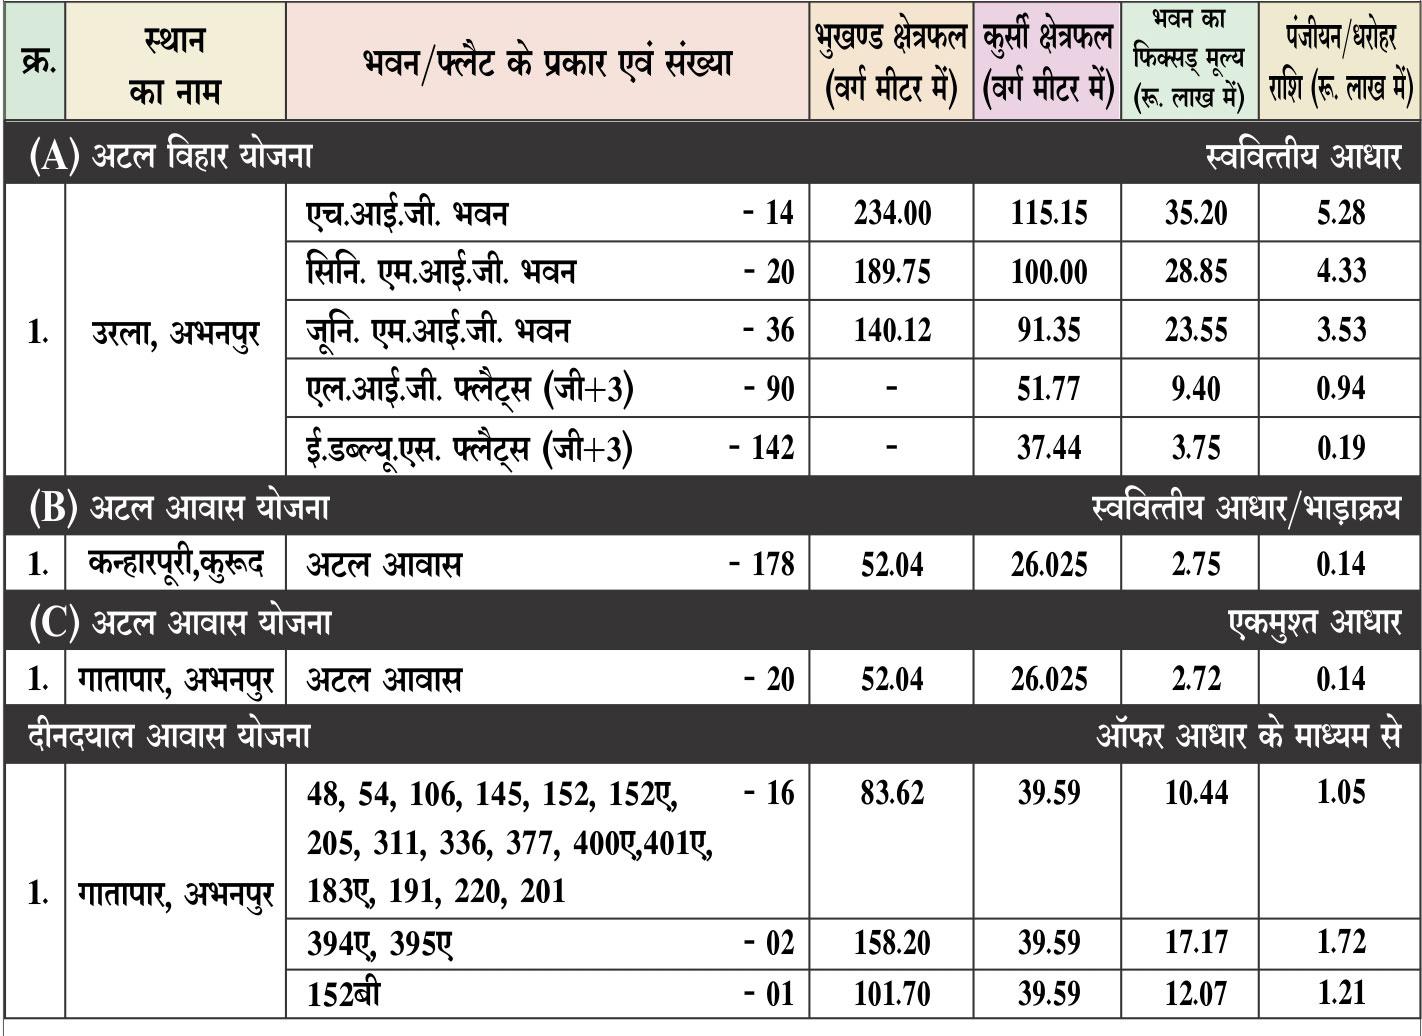 Raipur Housing Scheme Details